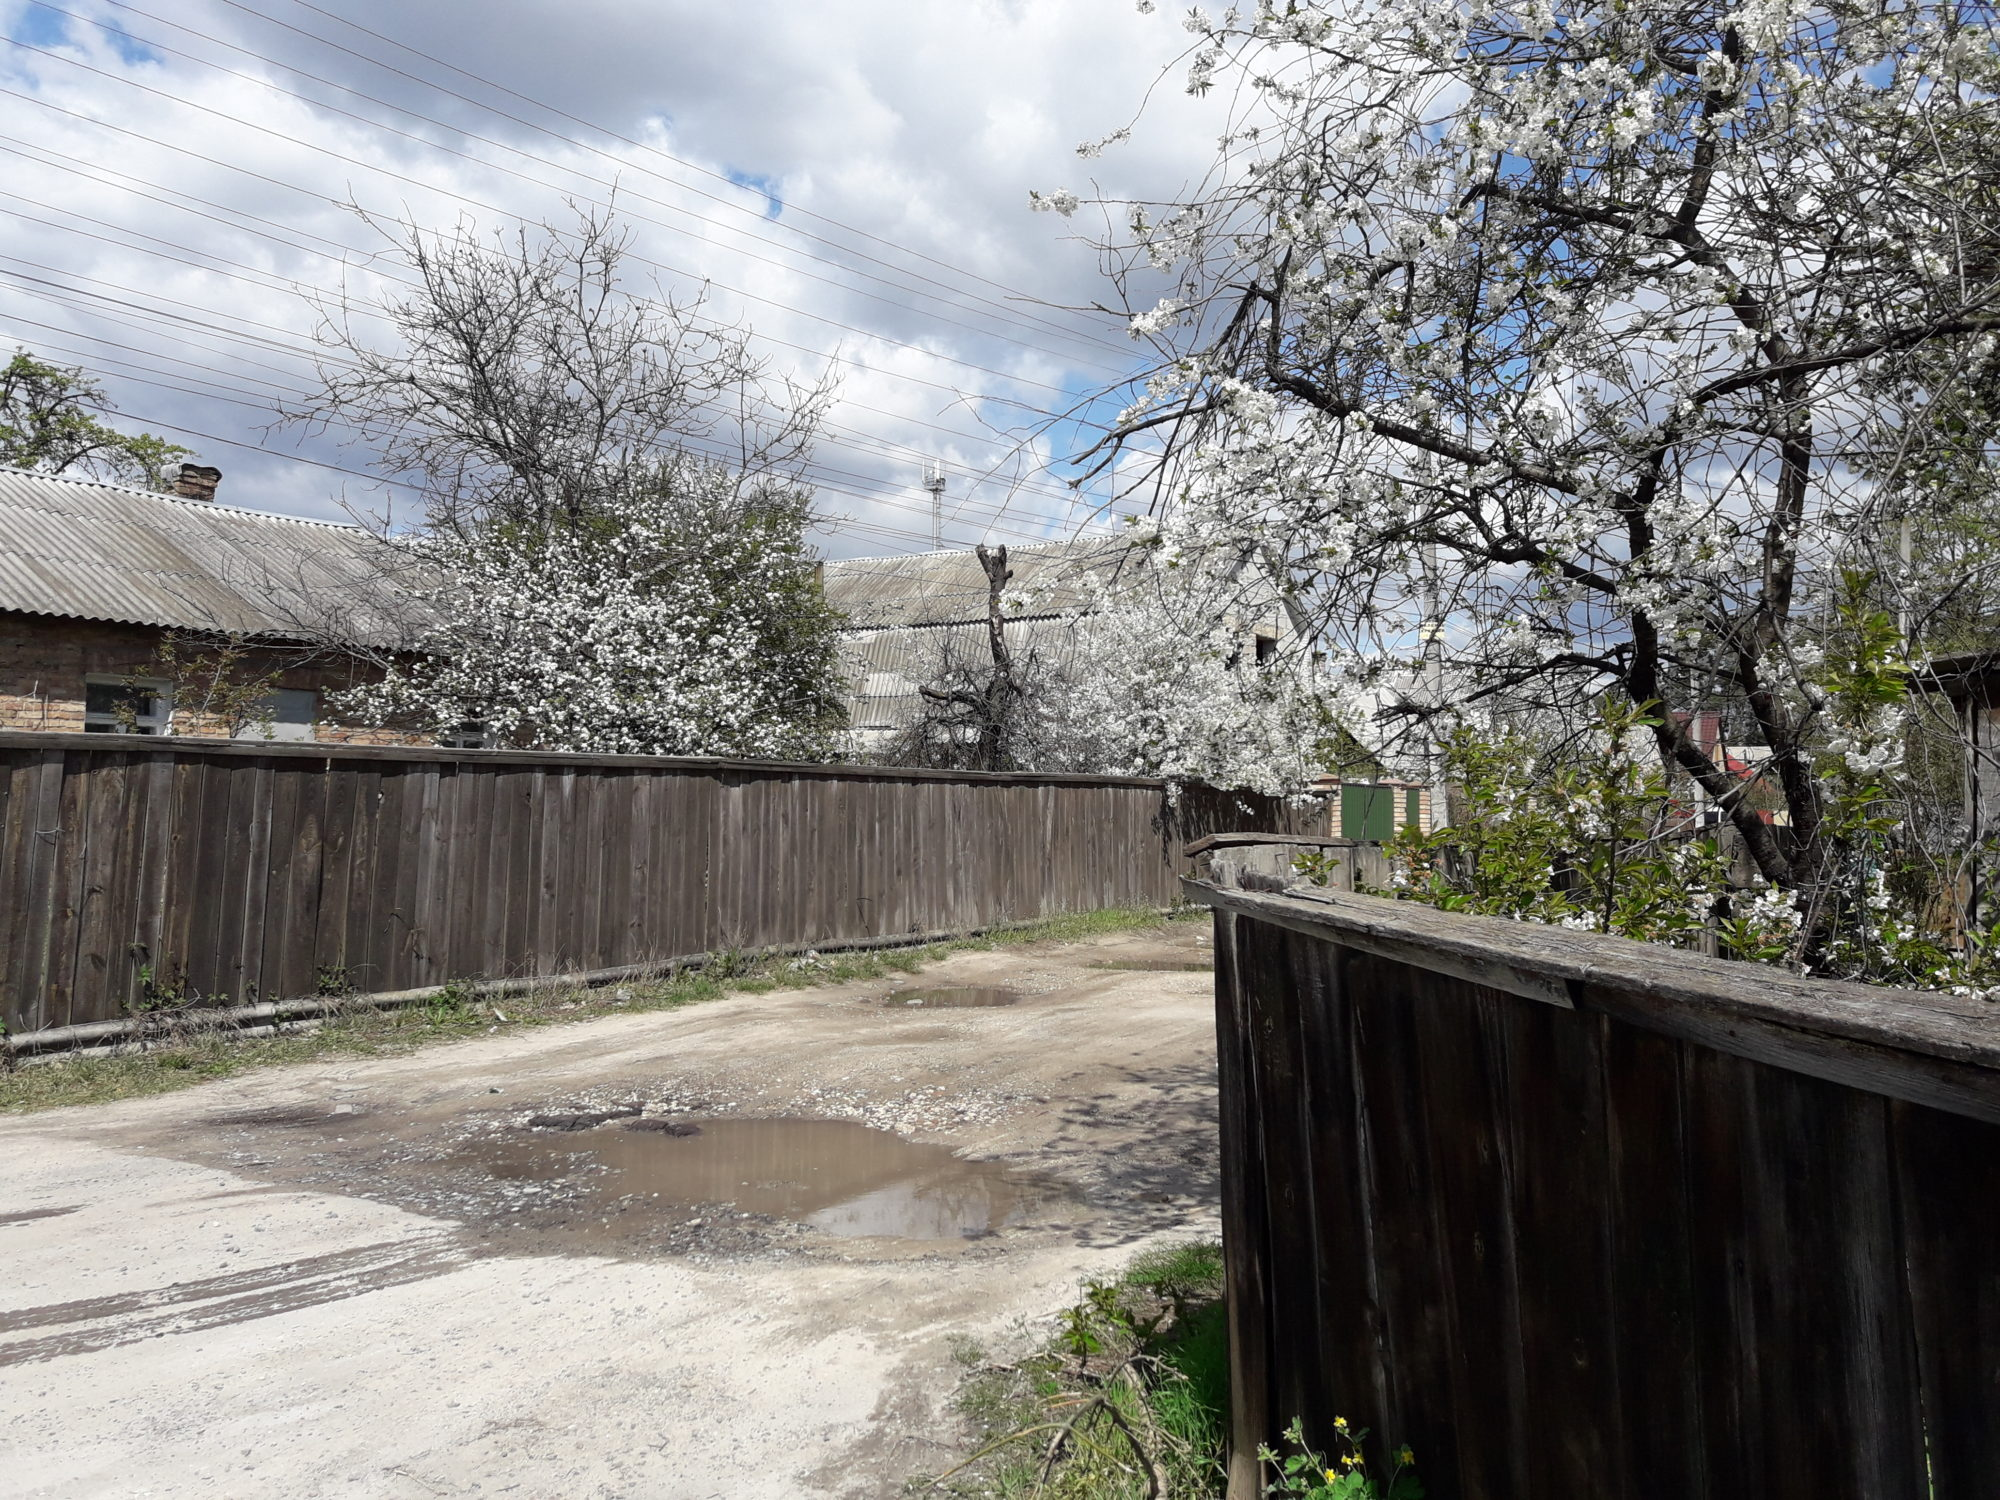 Ірпінь квітне: у місті настає пік цвітіння дерев та кущів (ФОТО) -  - 20200427 122431 2000x1500